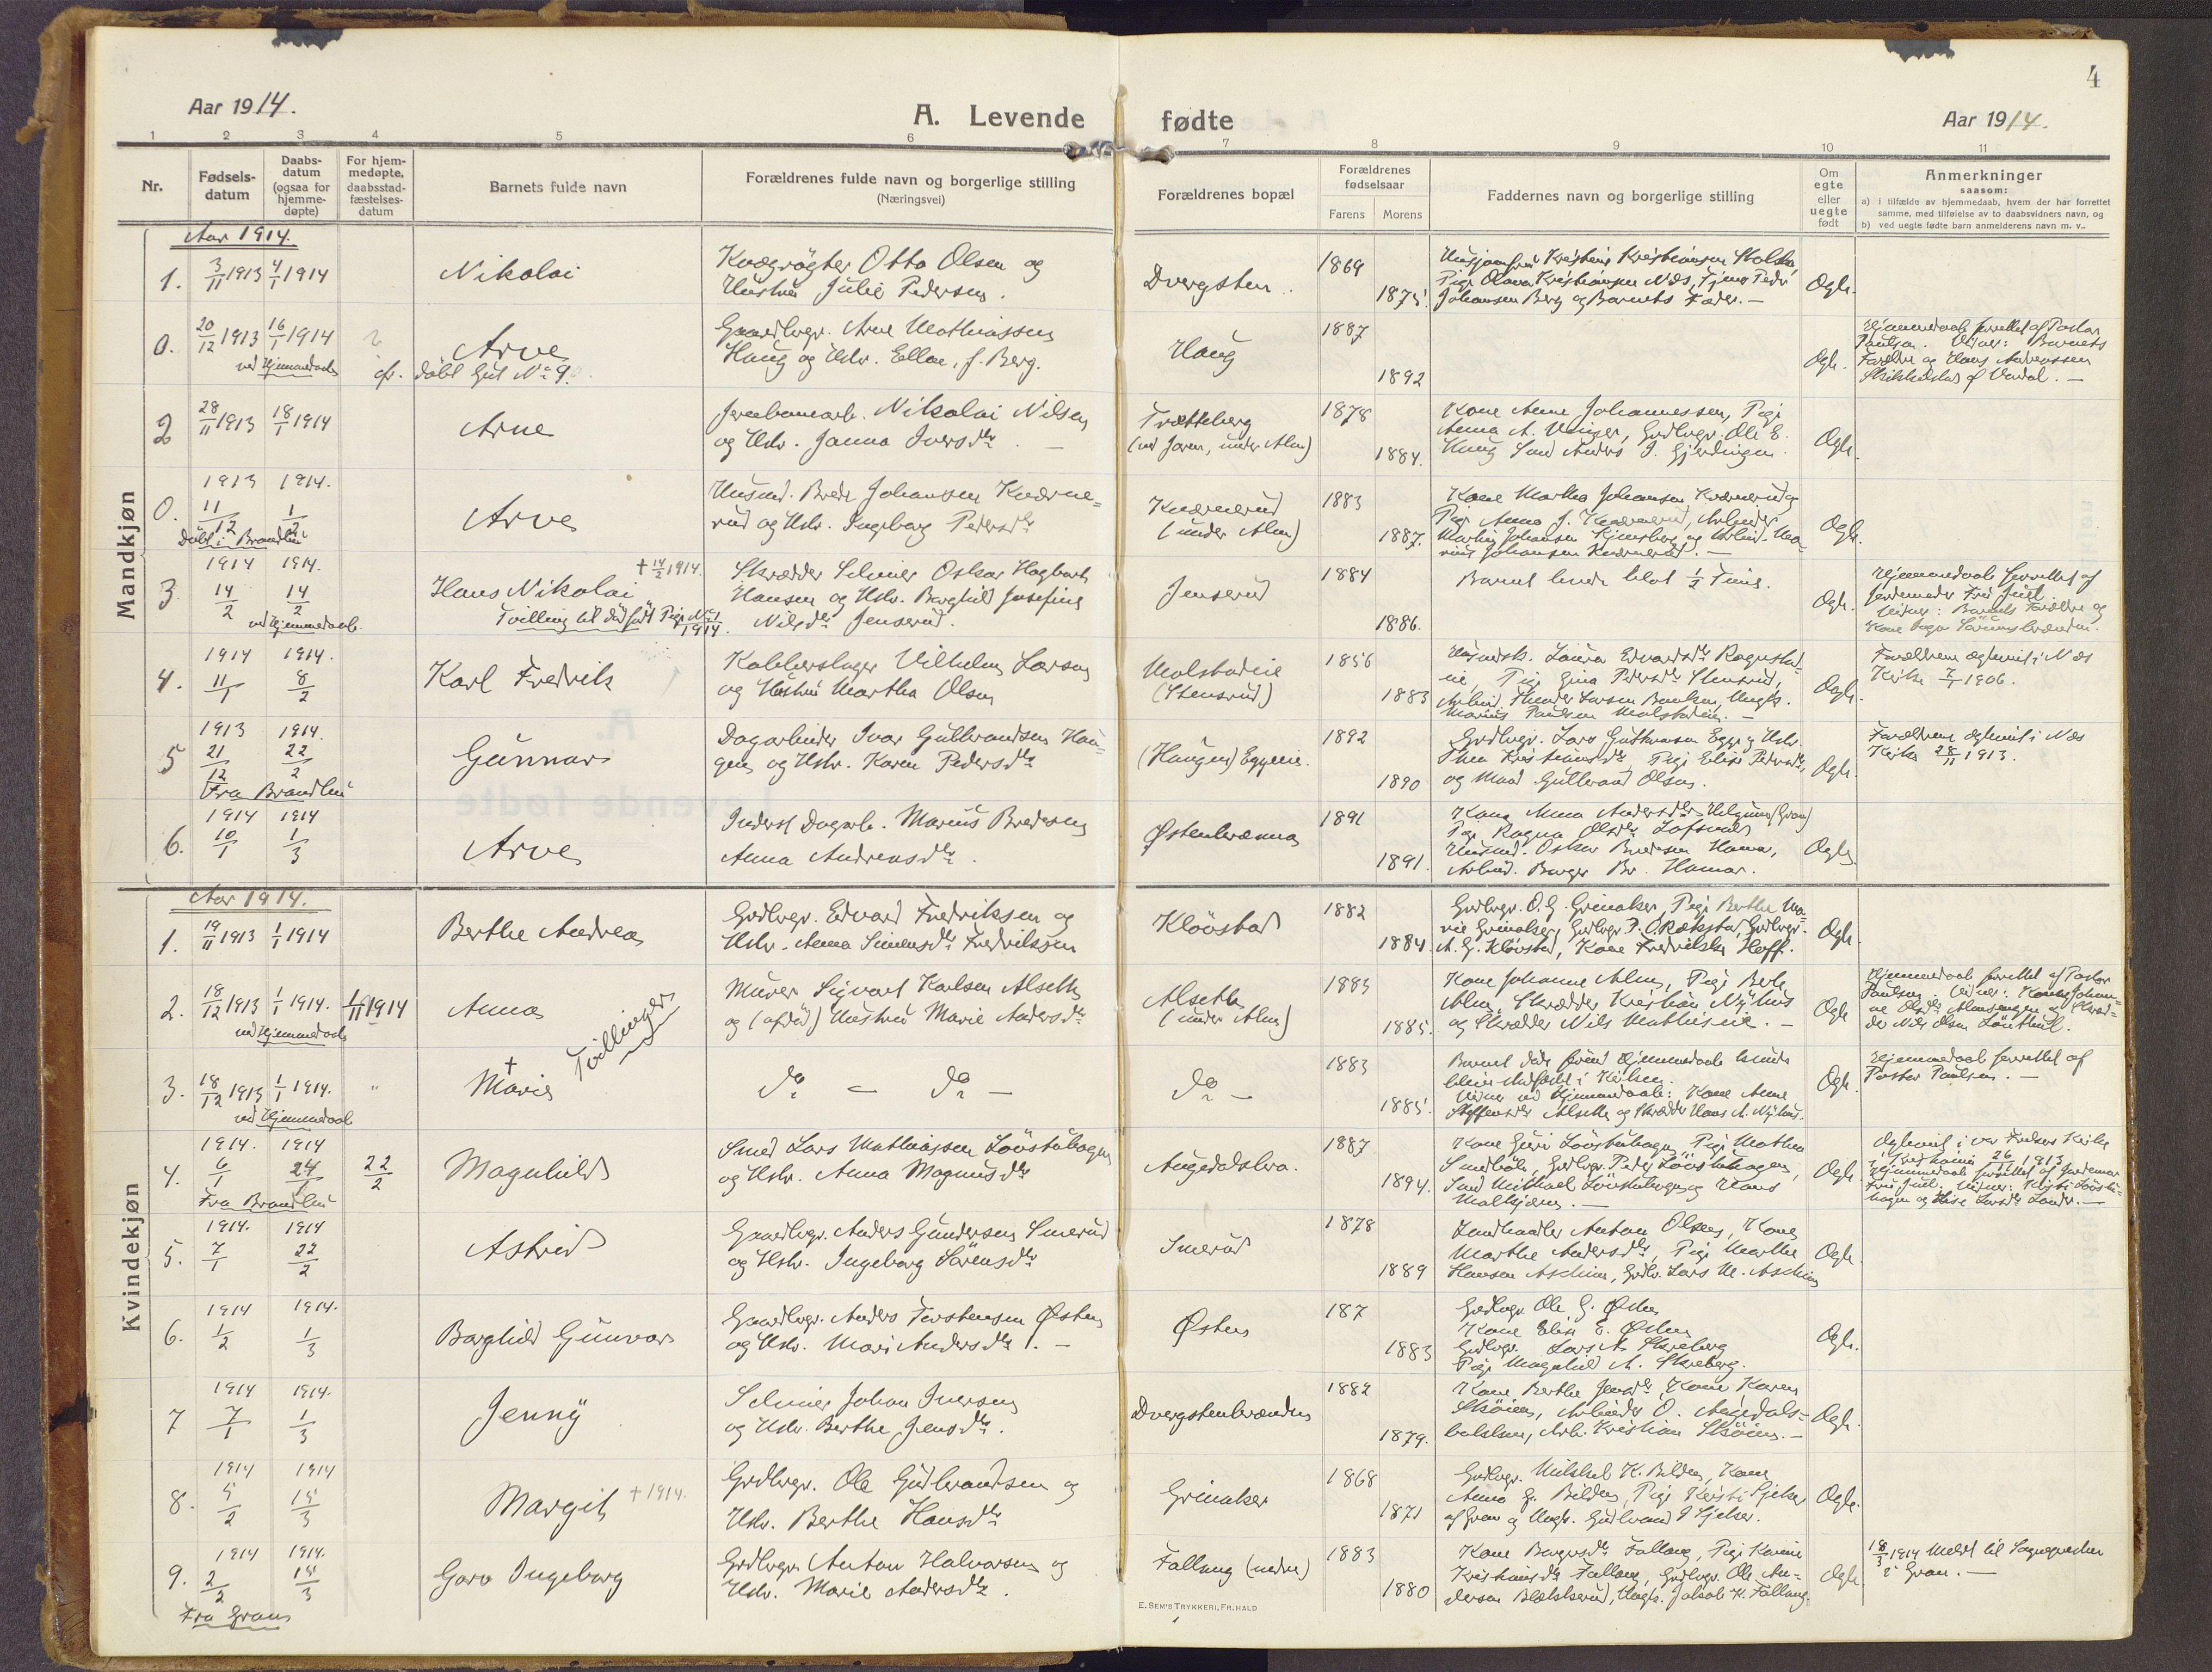 SAH, Brandbu prestekontor, Ministerialbok nr. 3, 1914-1928, s. 4